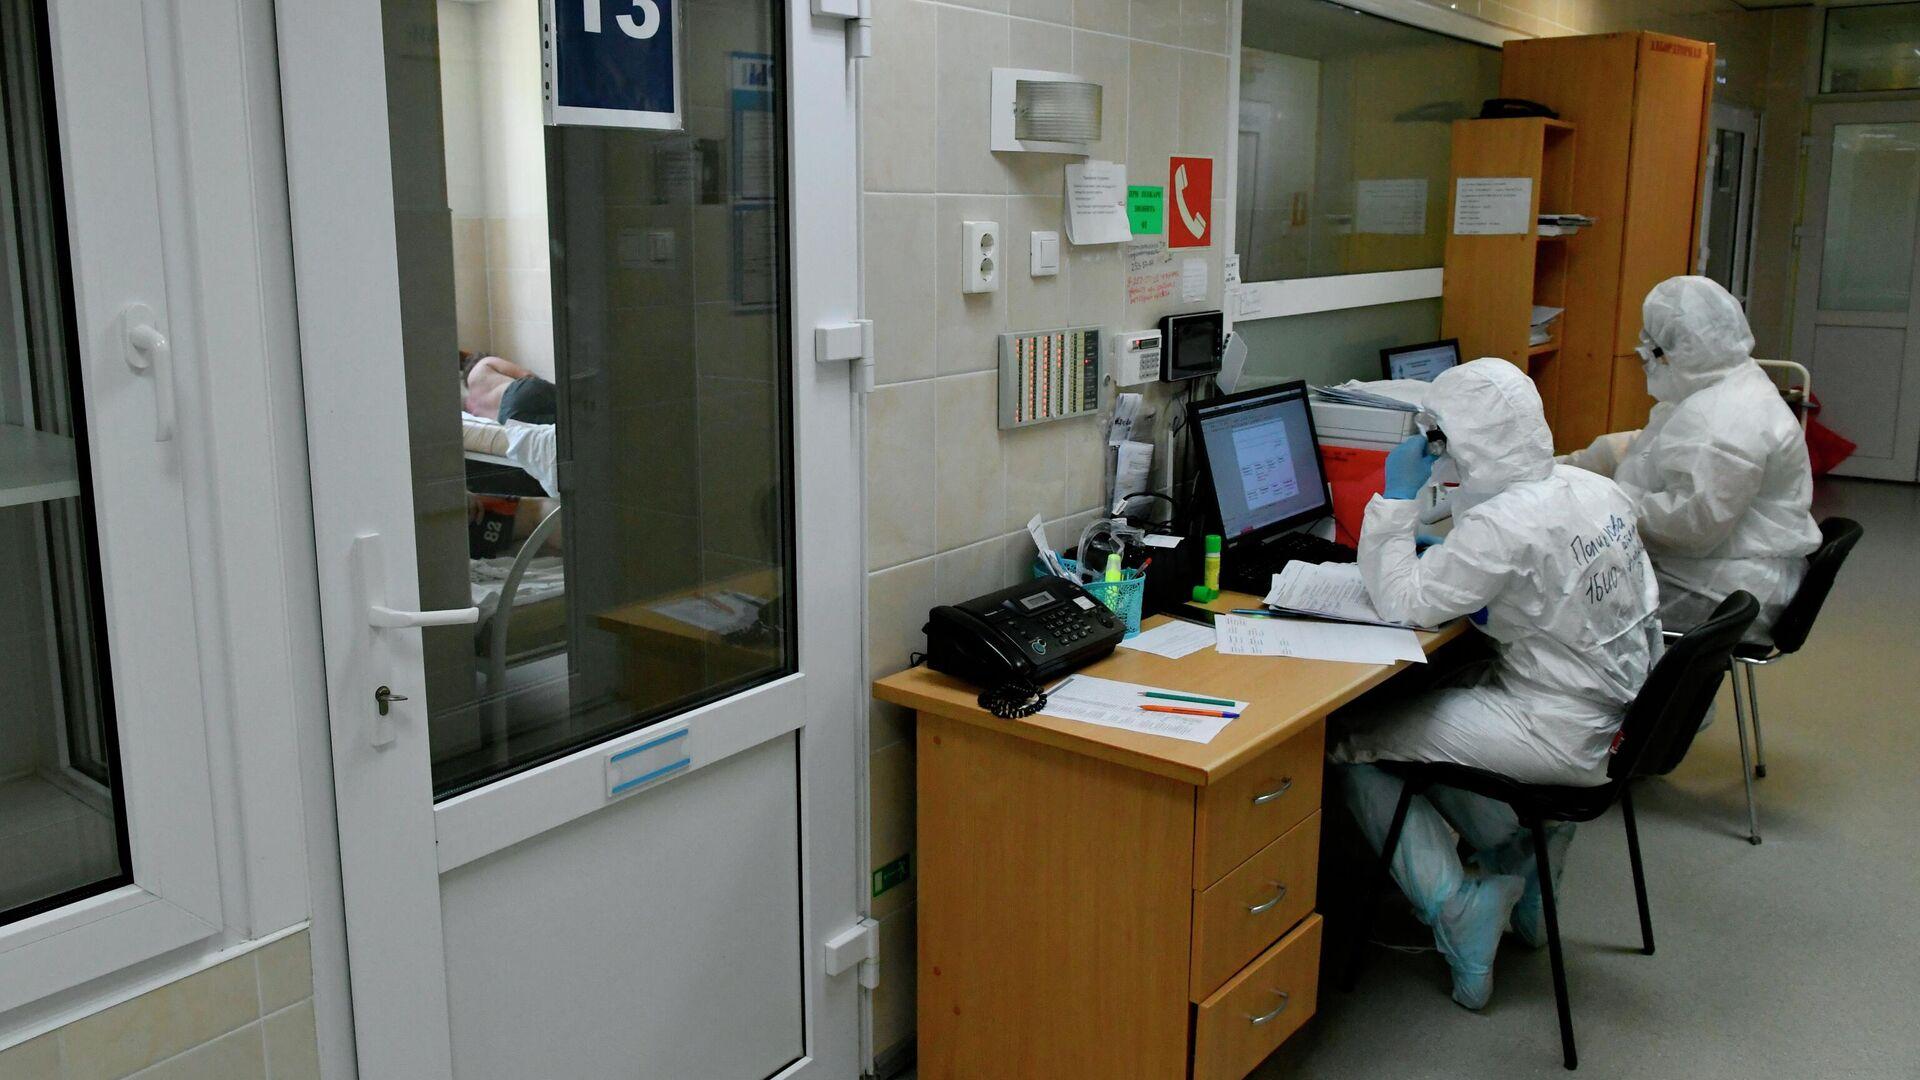 Медики дежурят у палаты в госпитале для лечения больных Covid-19 в Краснодаре - РИА Новости, 1920, 12.07.2021